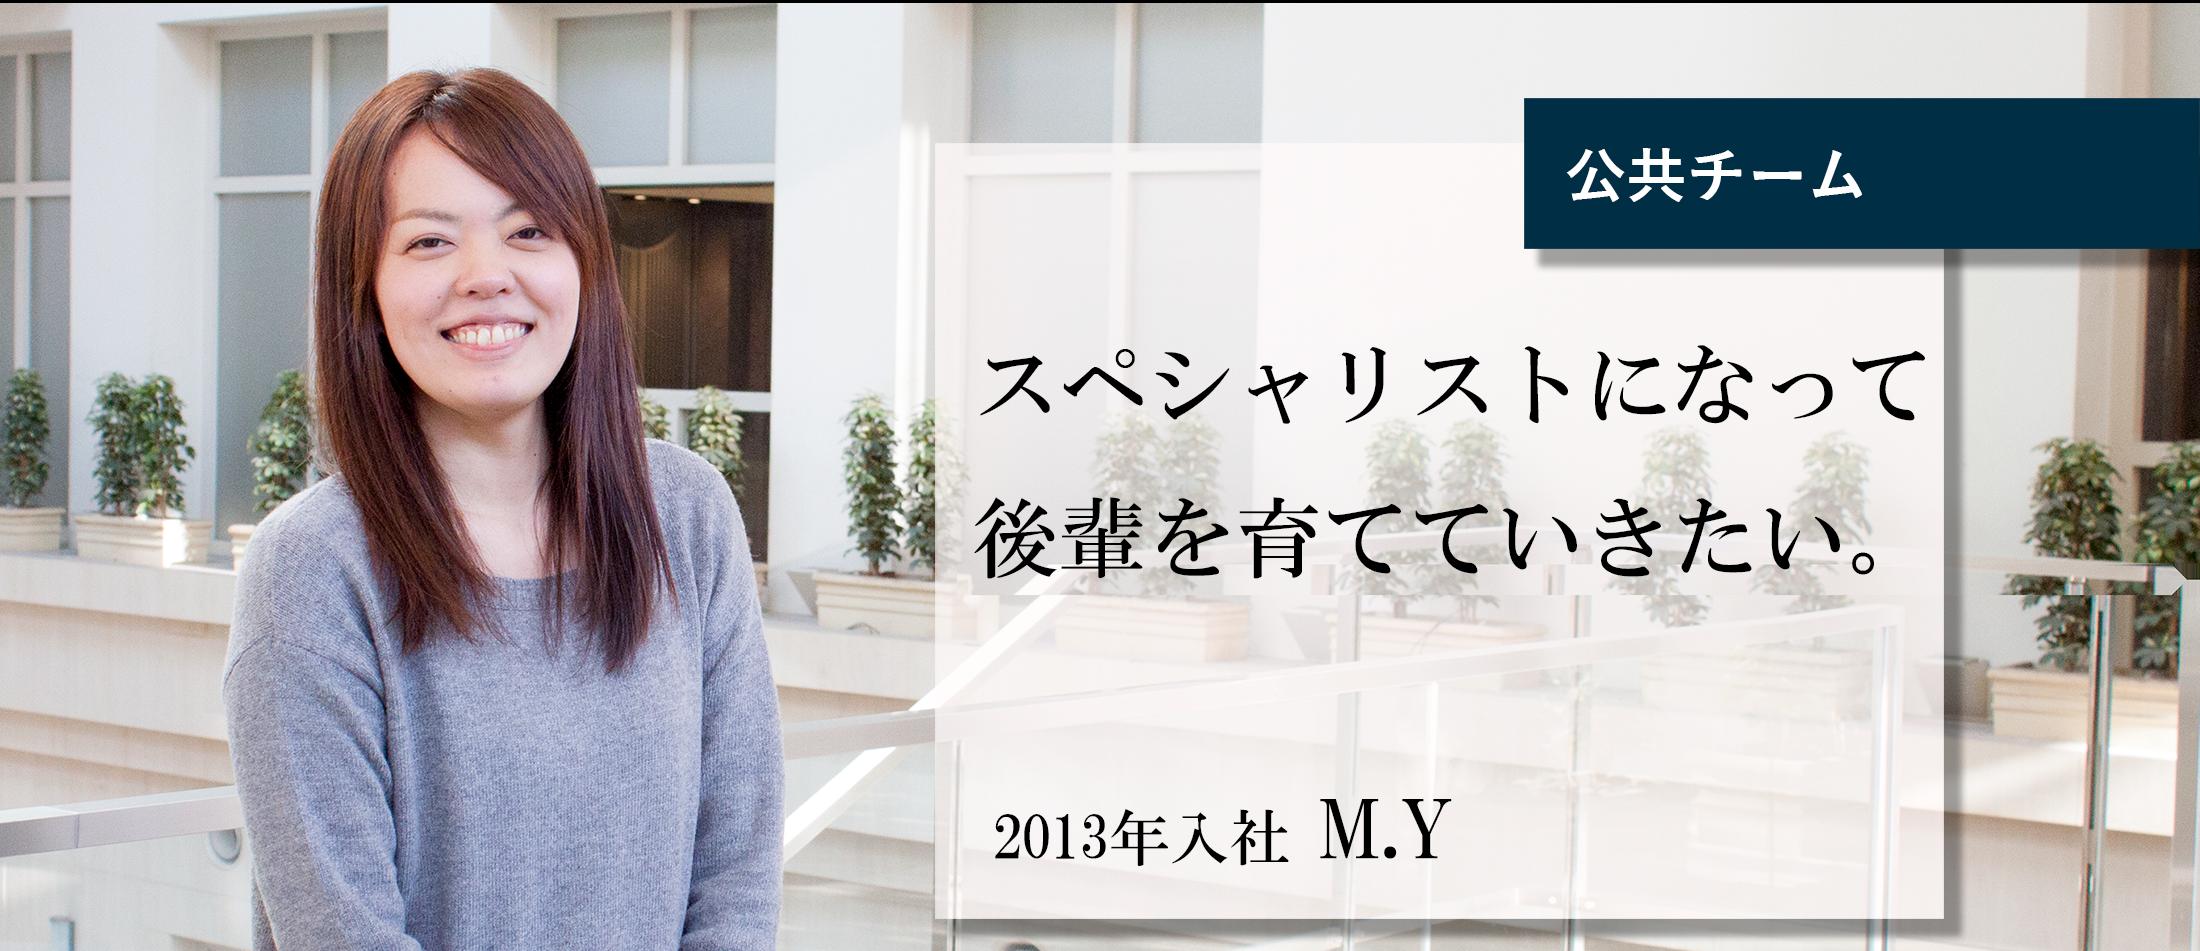 M.Y_Top